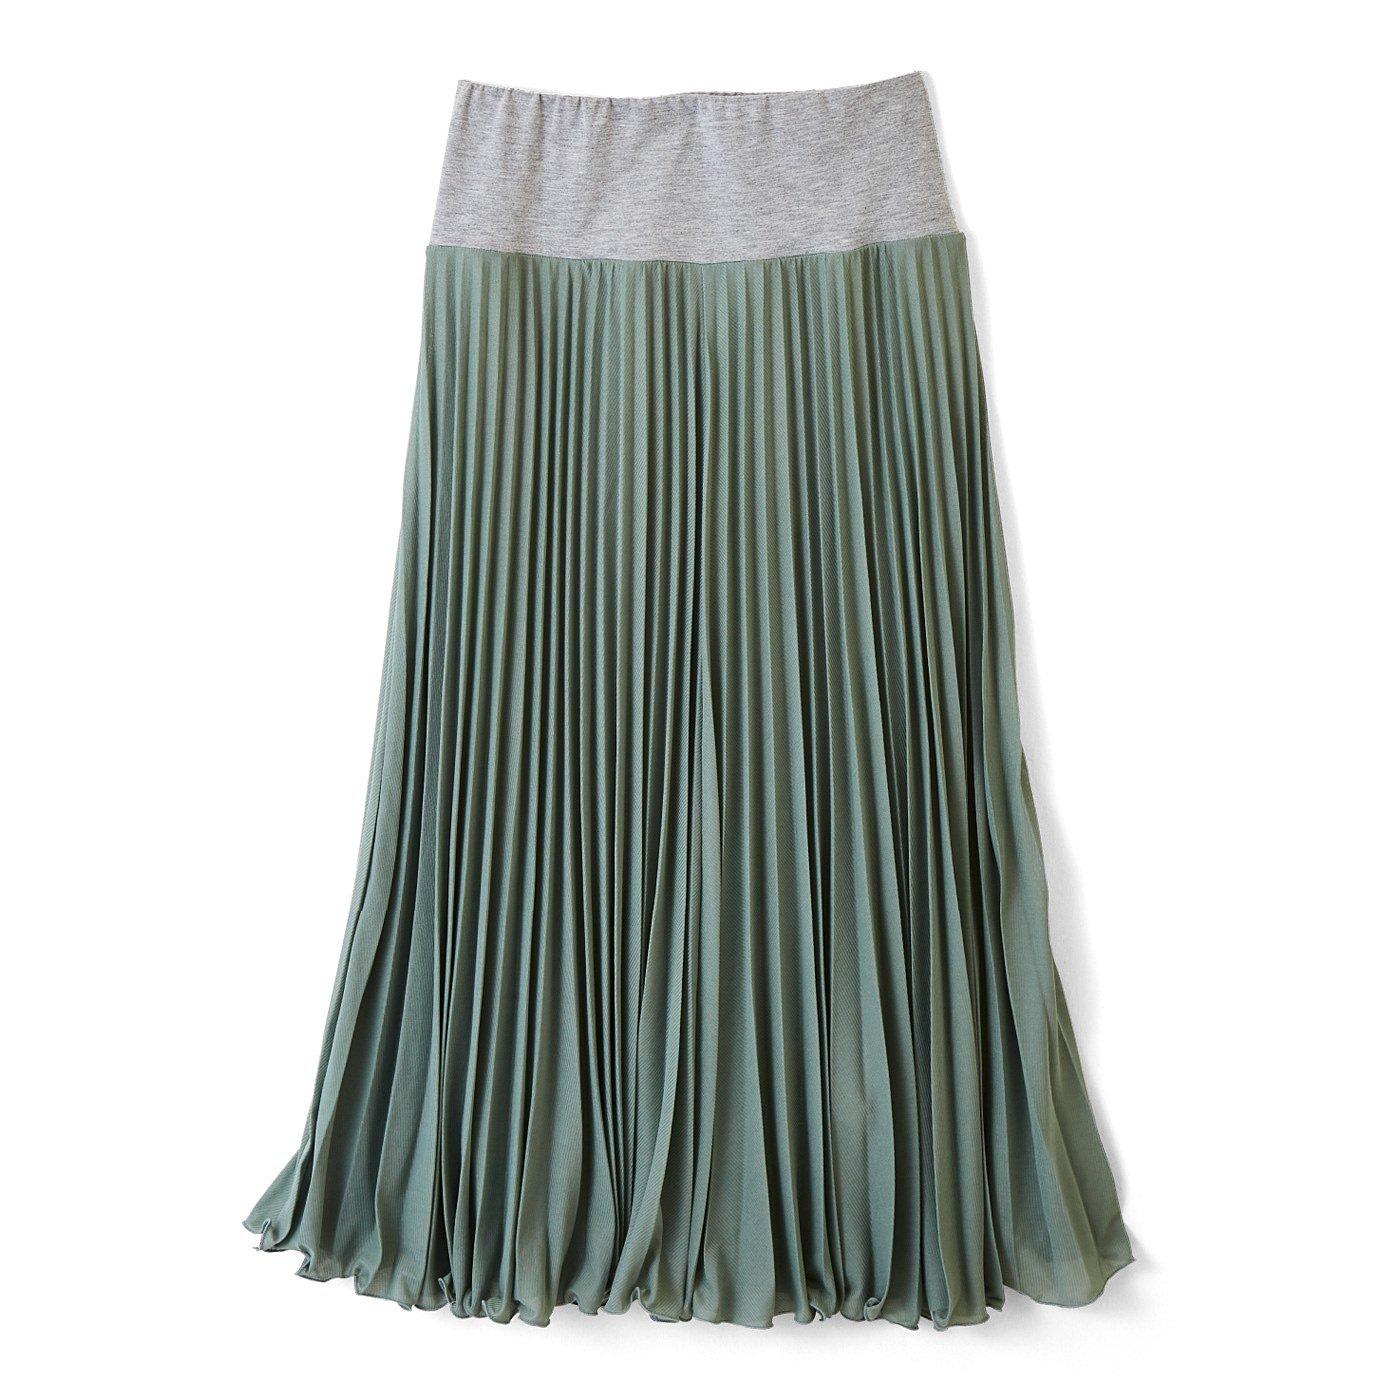 フラウグラット ウエストらく設計 アースカラーの薄軽ふんわりプリーツスカートの会